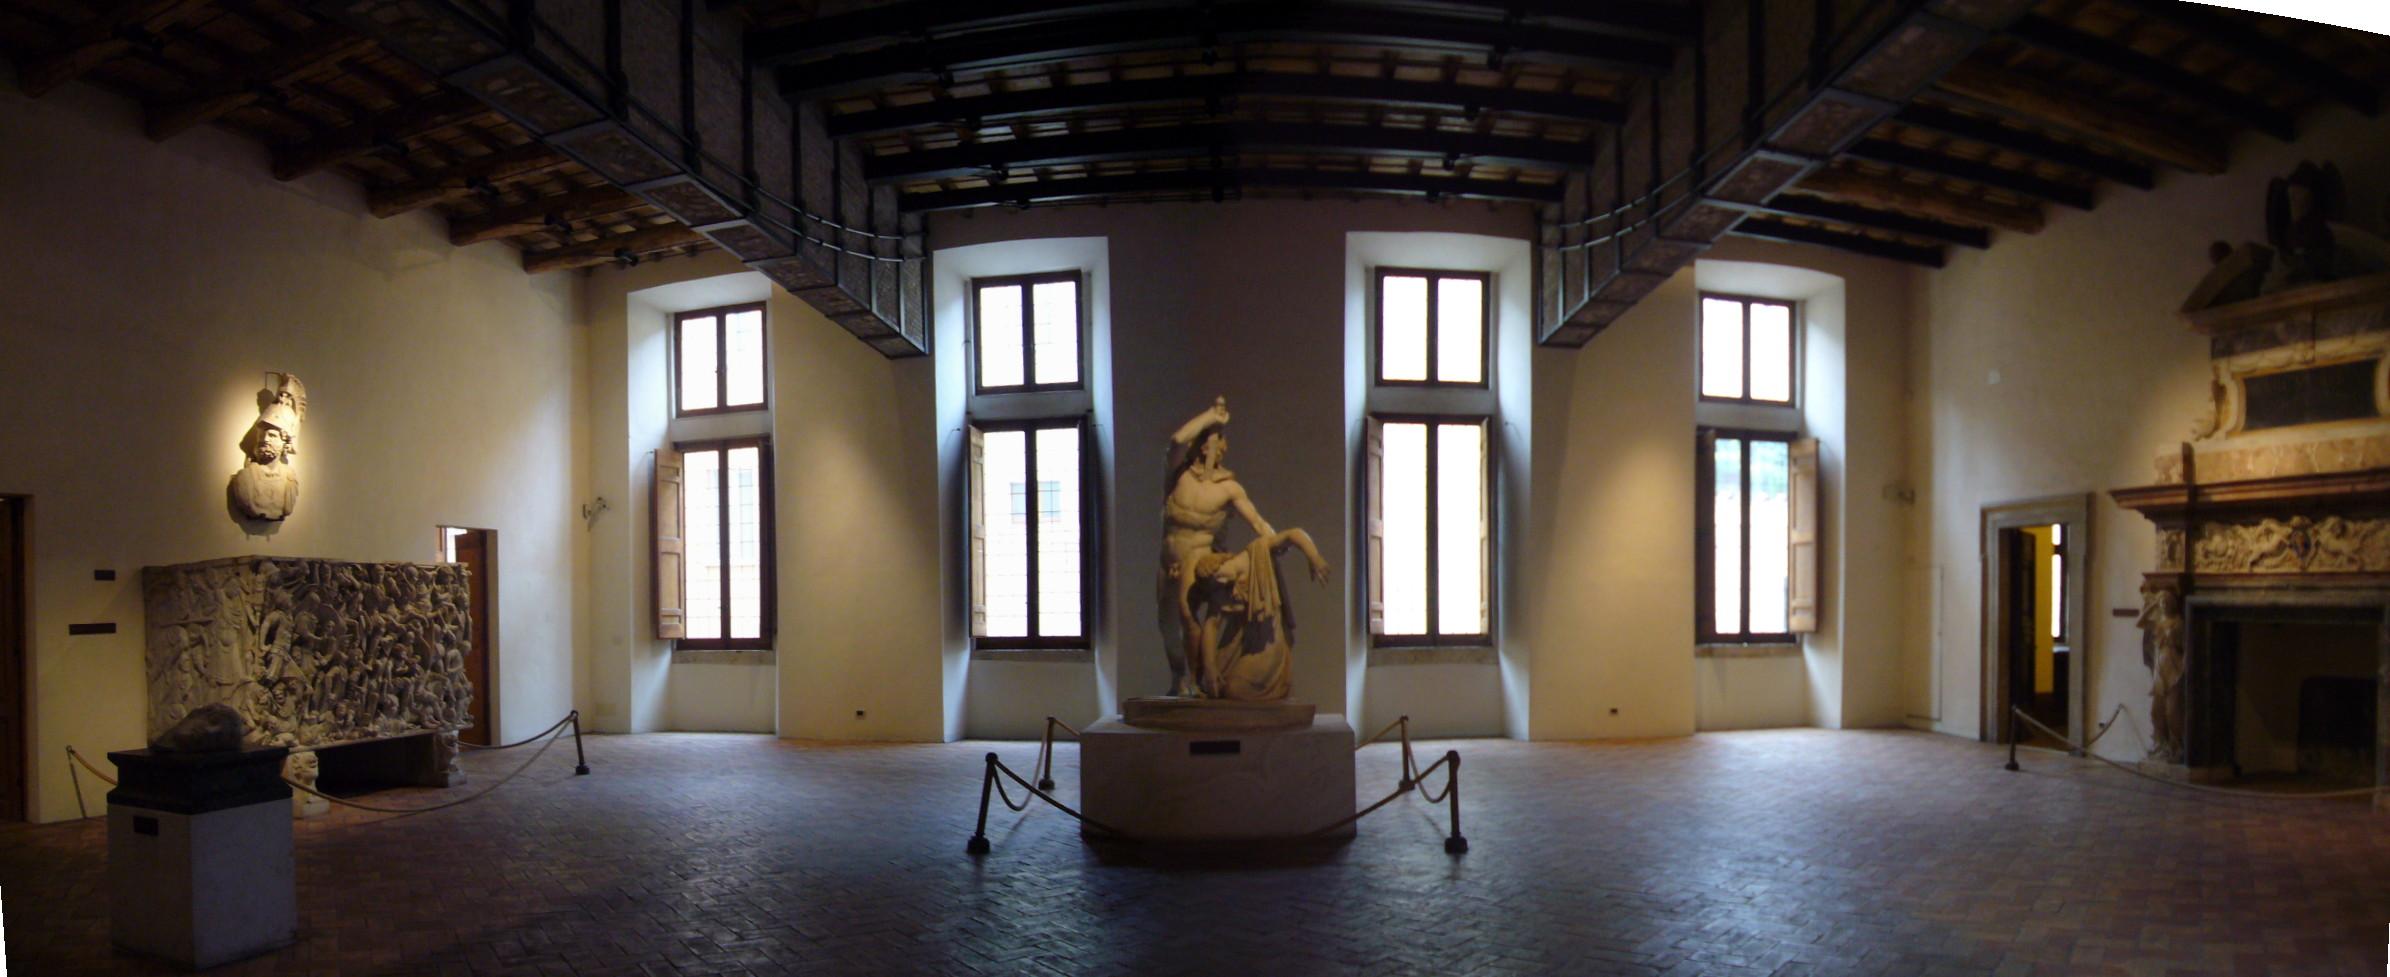 Con Ancilia a palazzo Altemps e palazzo Massimo a Roma